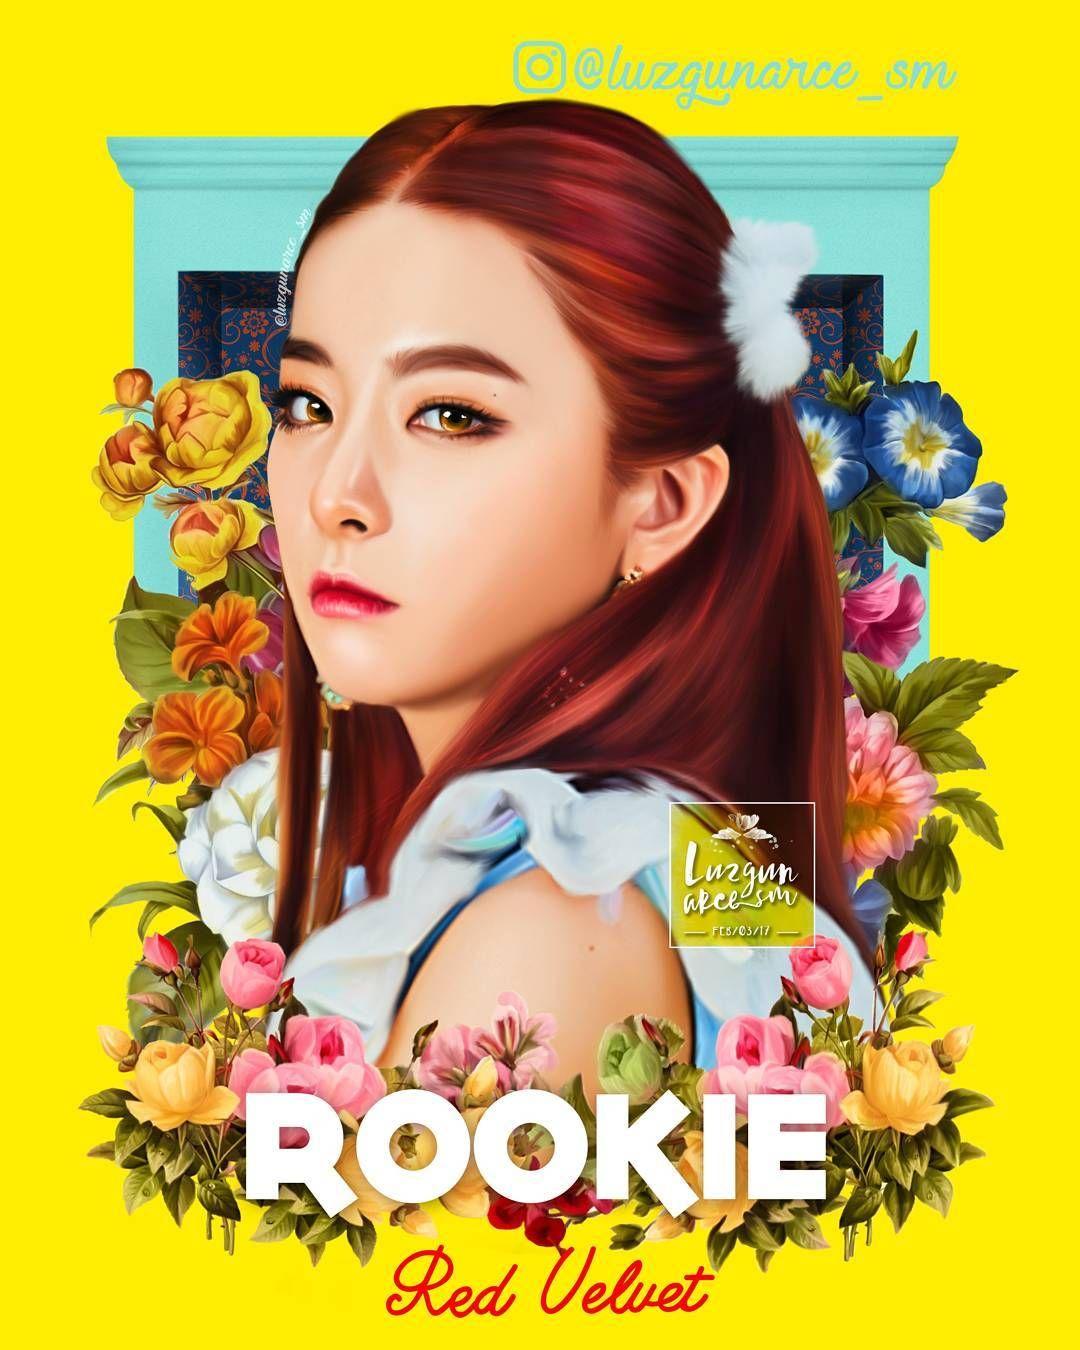 Red Velvet Seulgi, Red